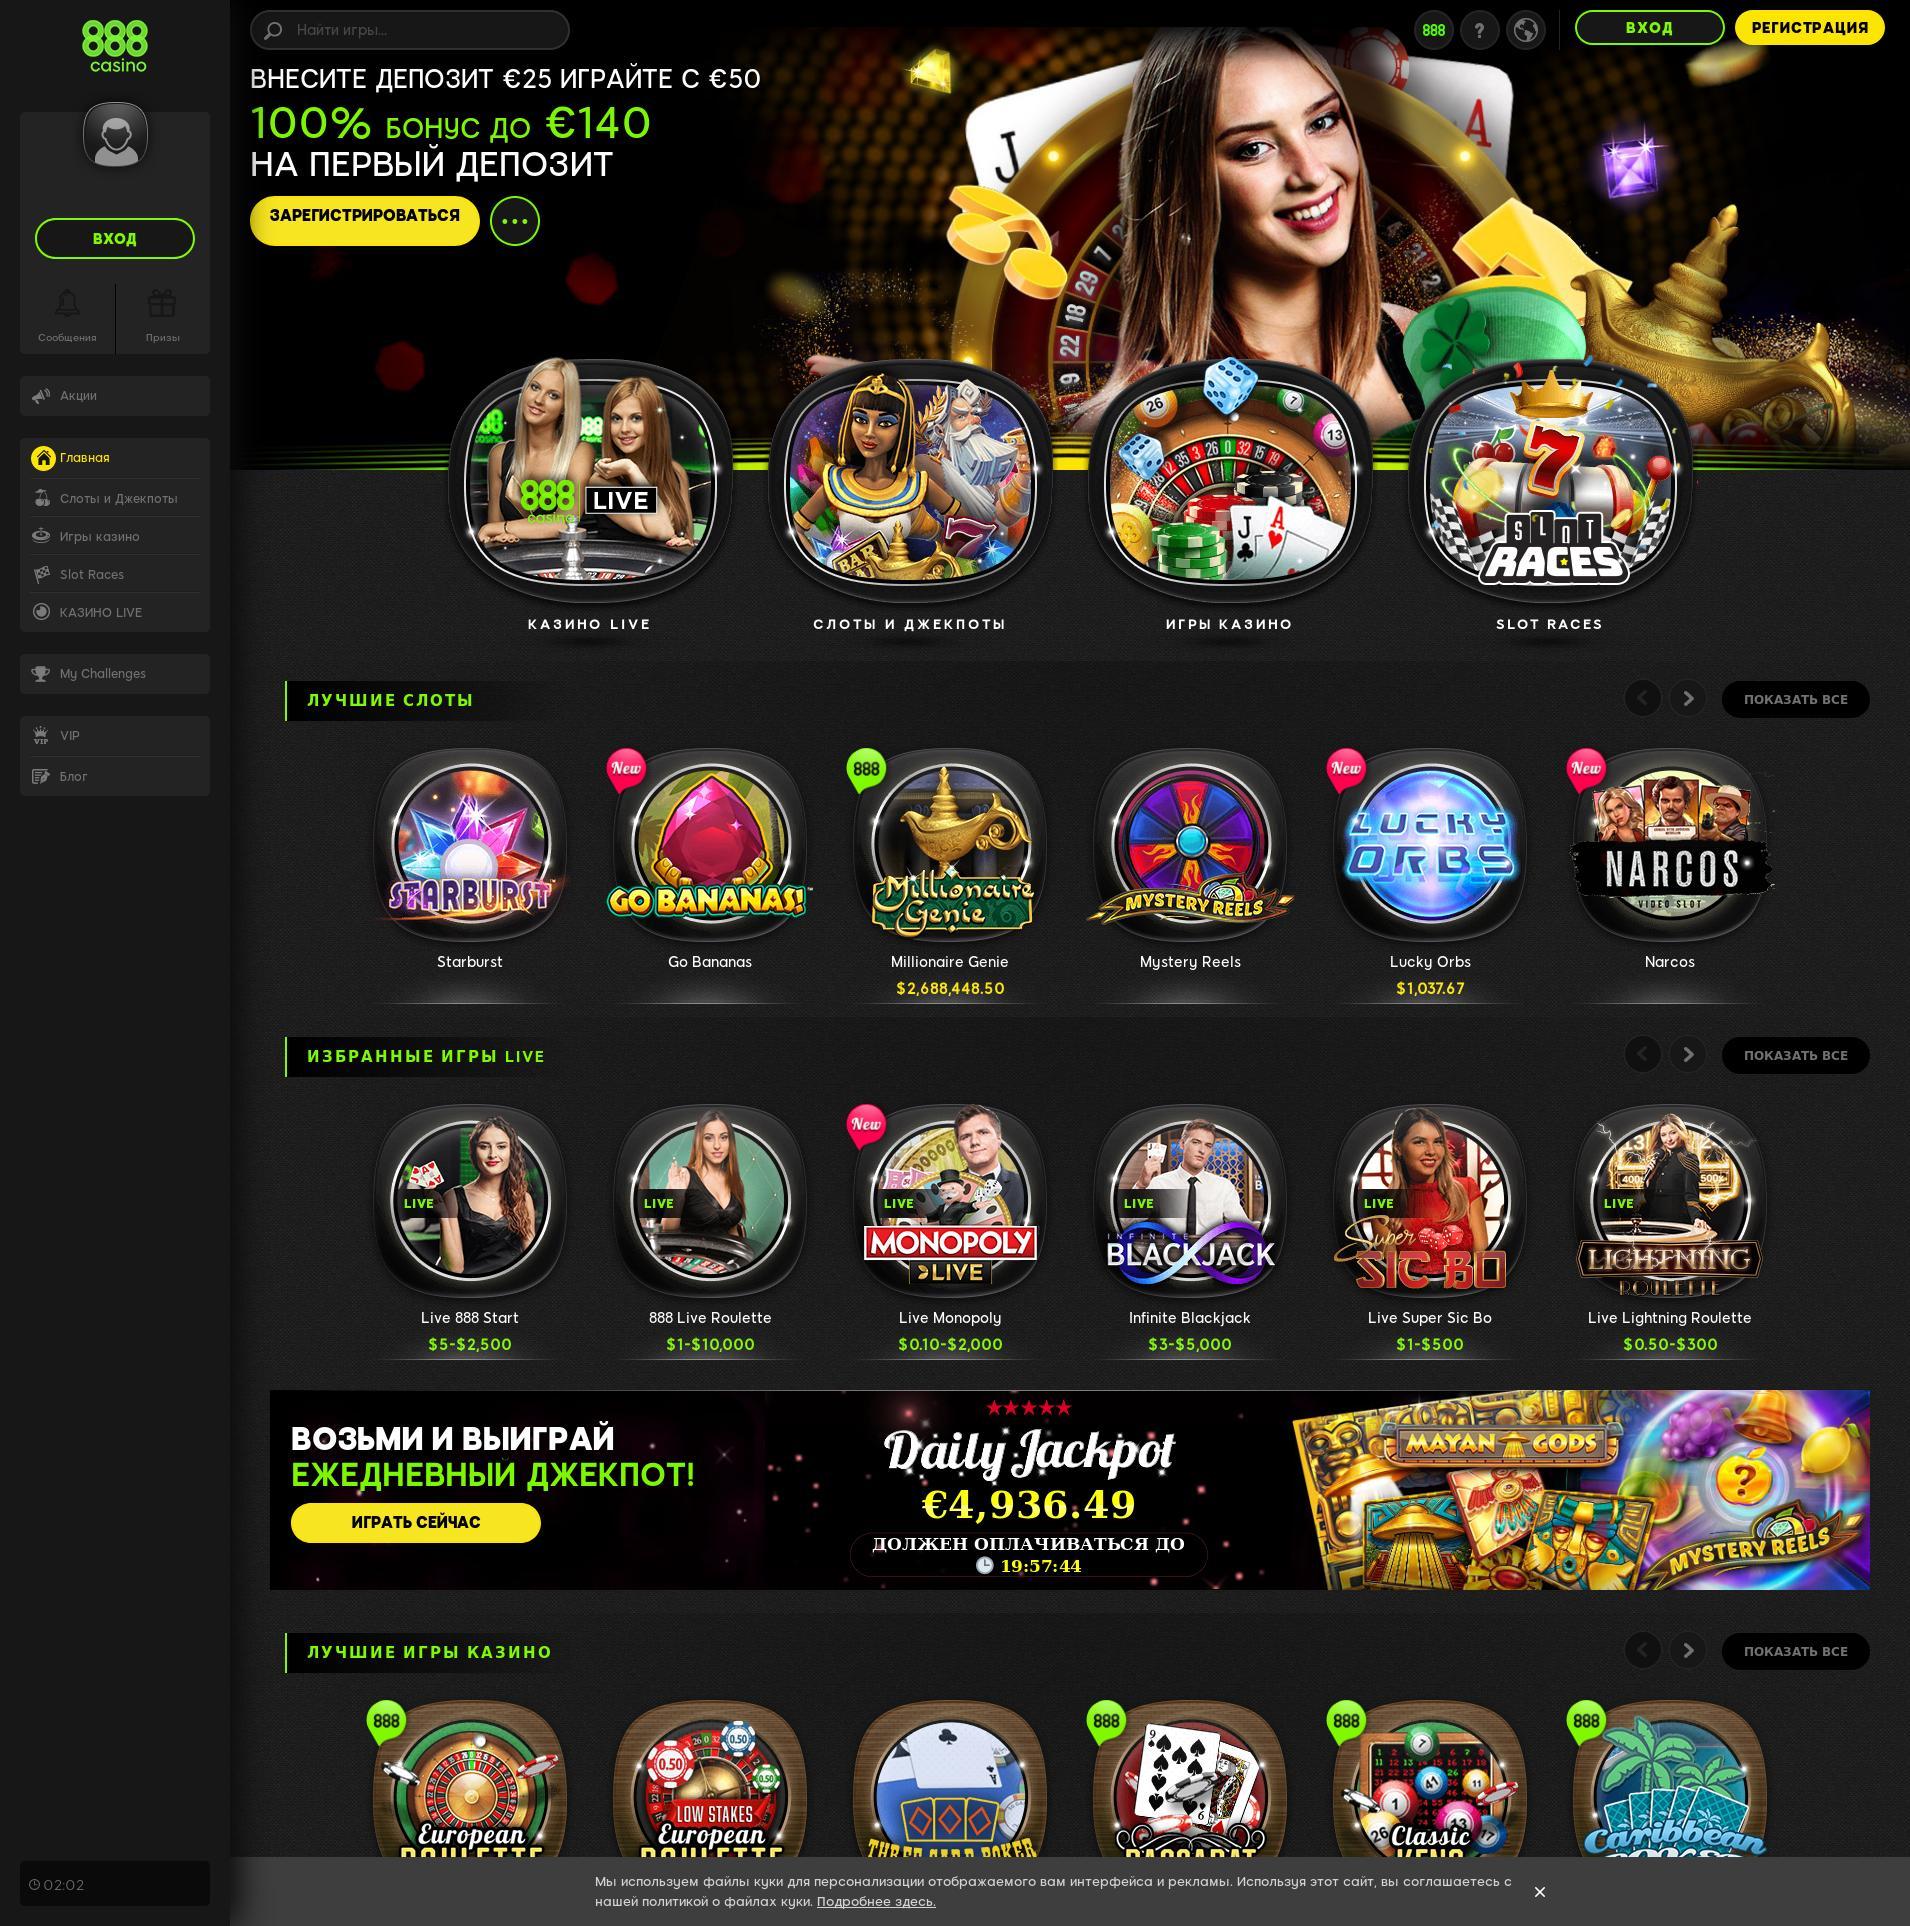 Casino screen Lobby 2019-06-15 for Ukraine